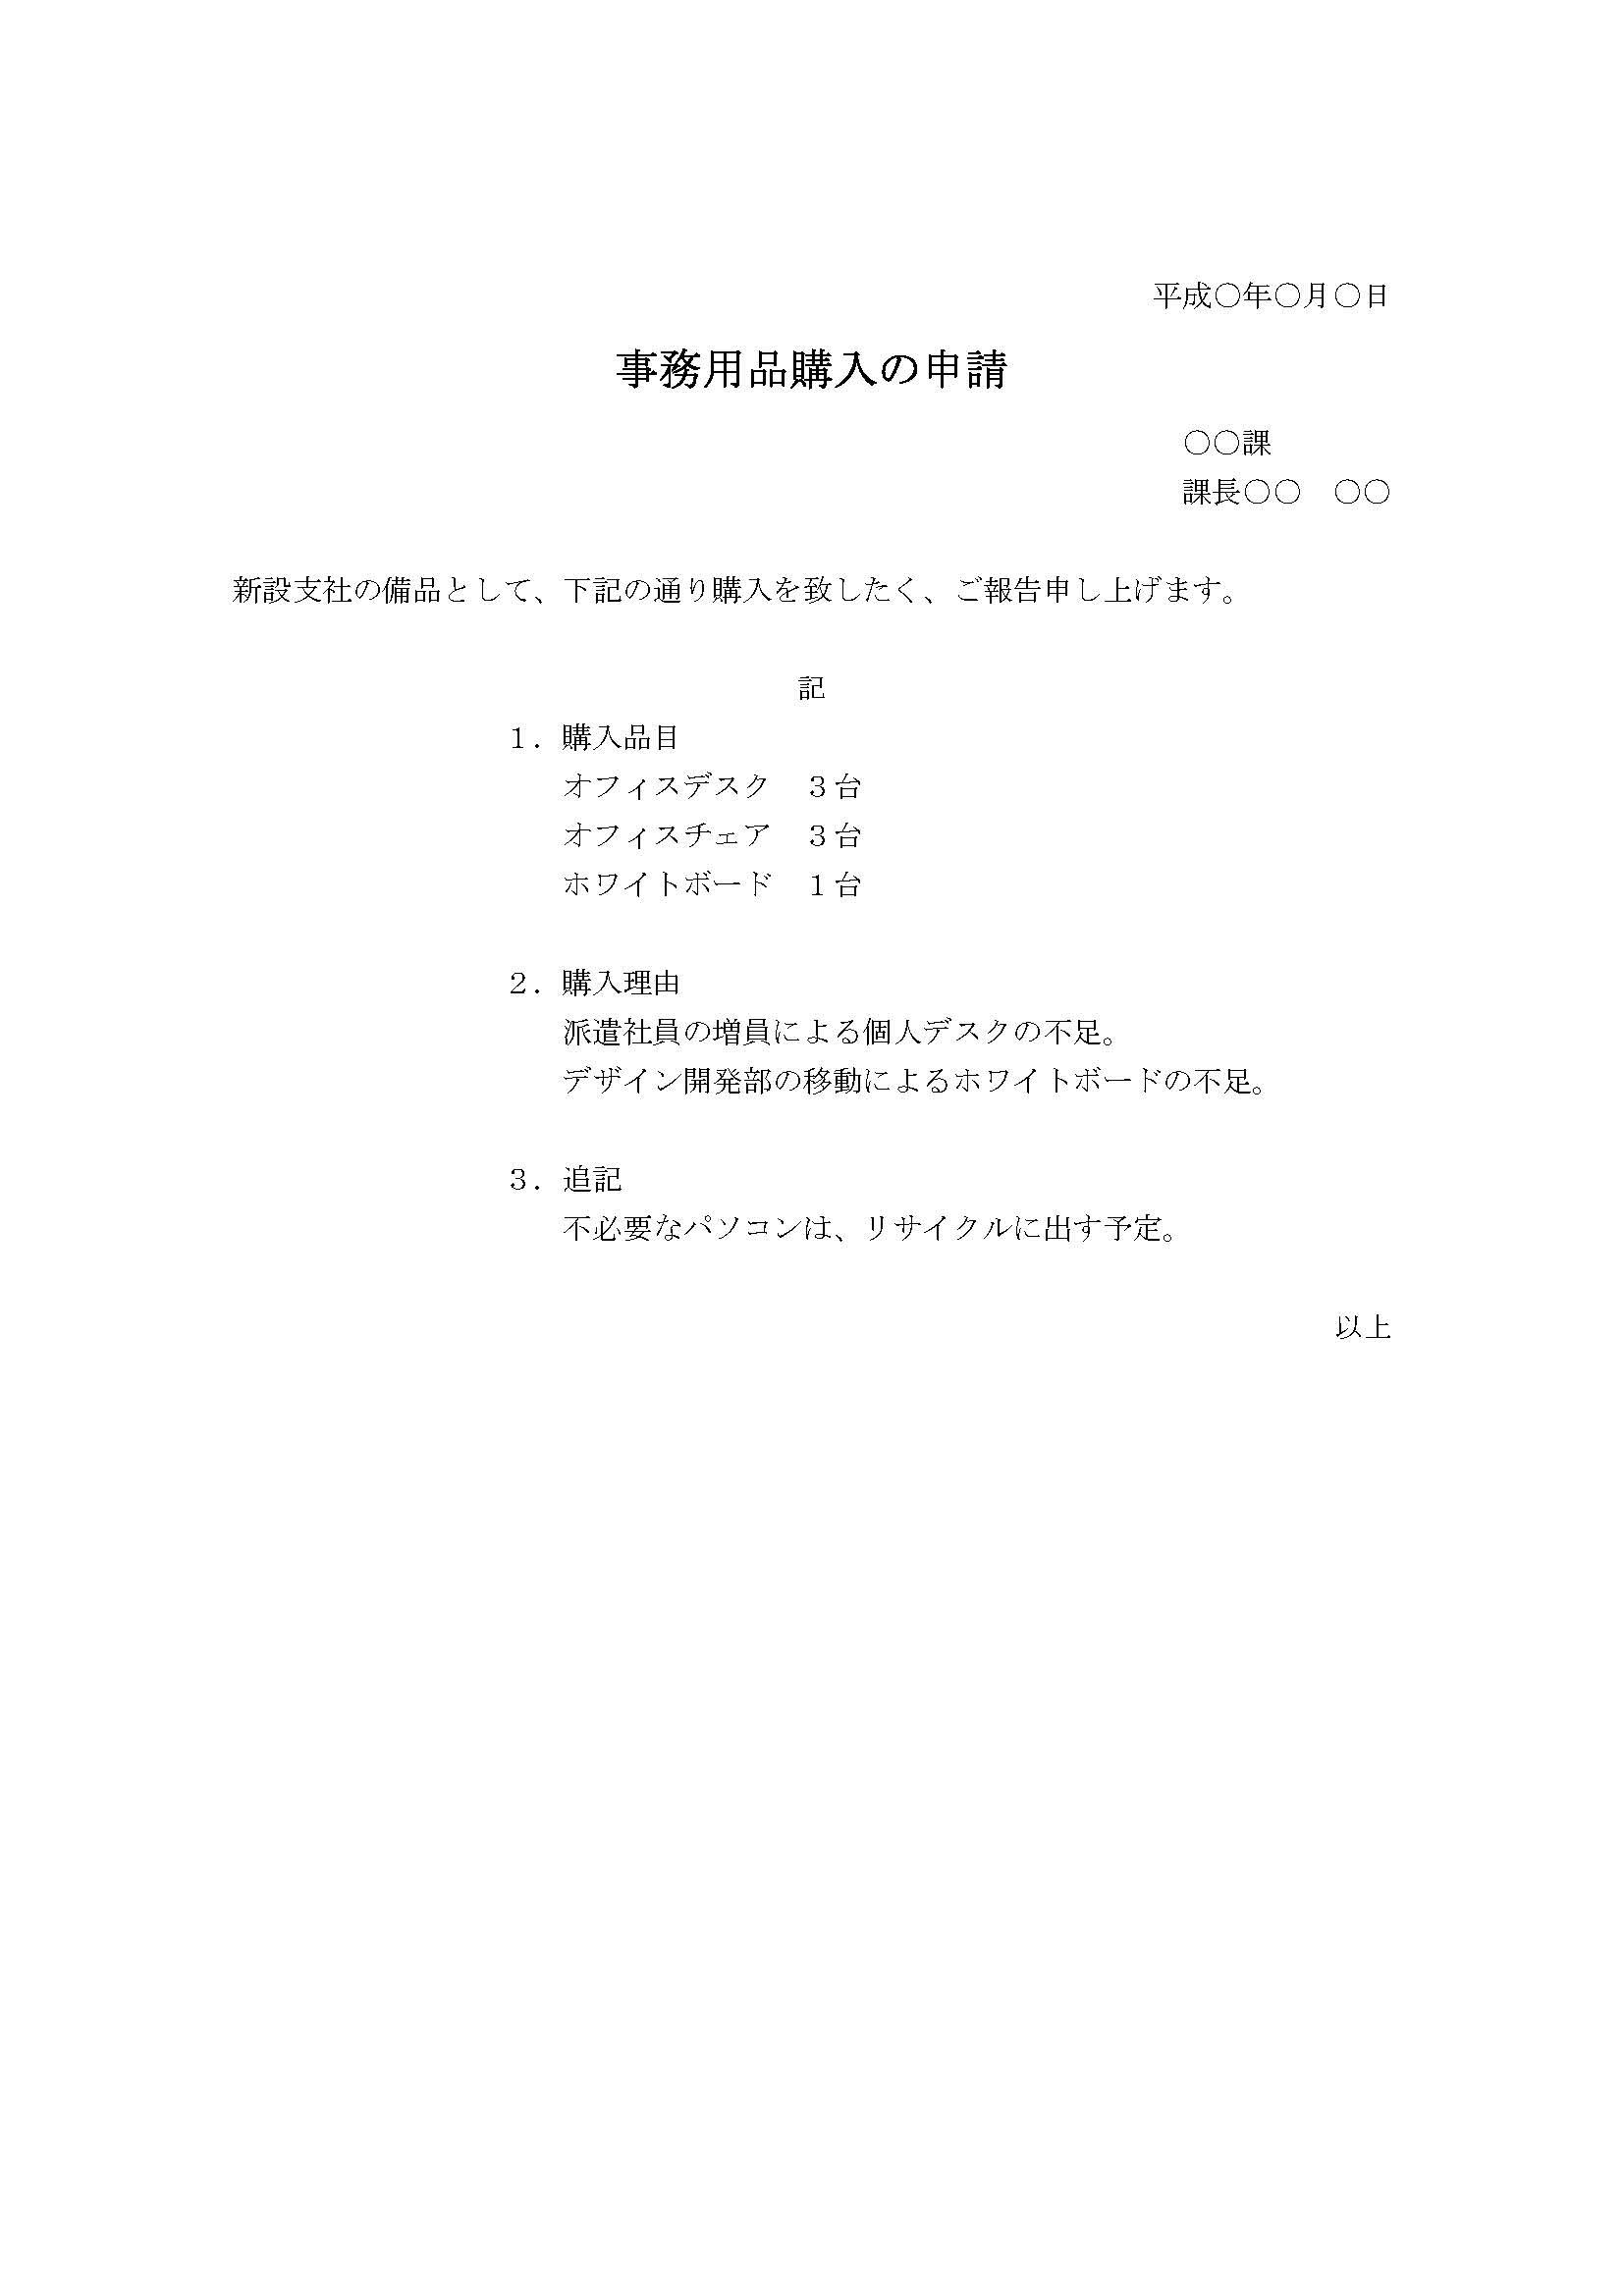 事務用品購入の申請書